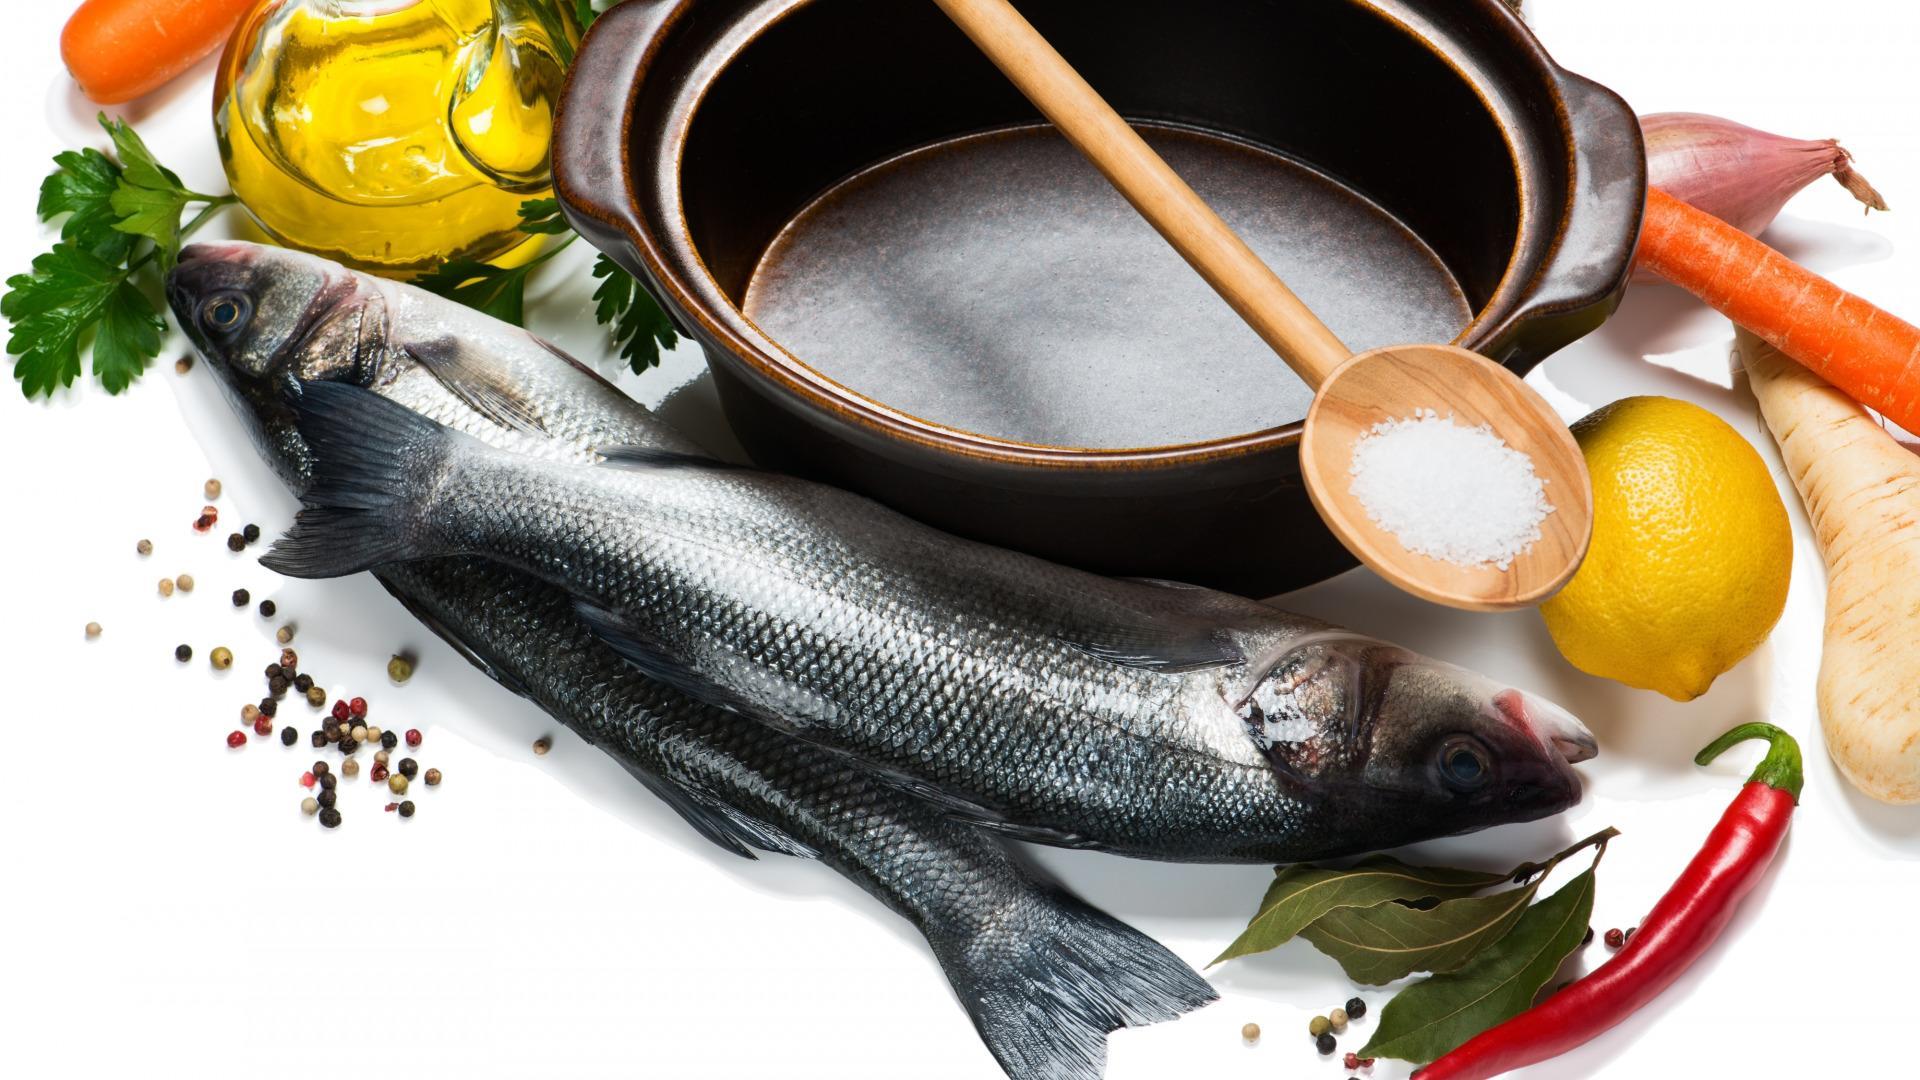 При засолке мокрым способом на 10 кг рыбы нужно 1,5 кг соли